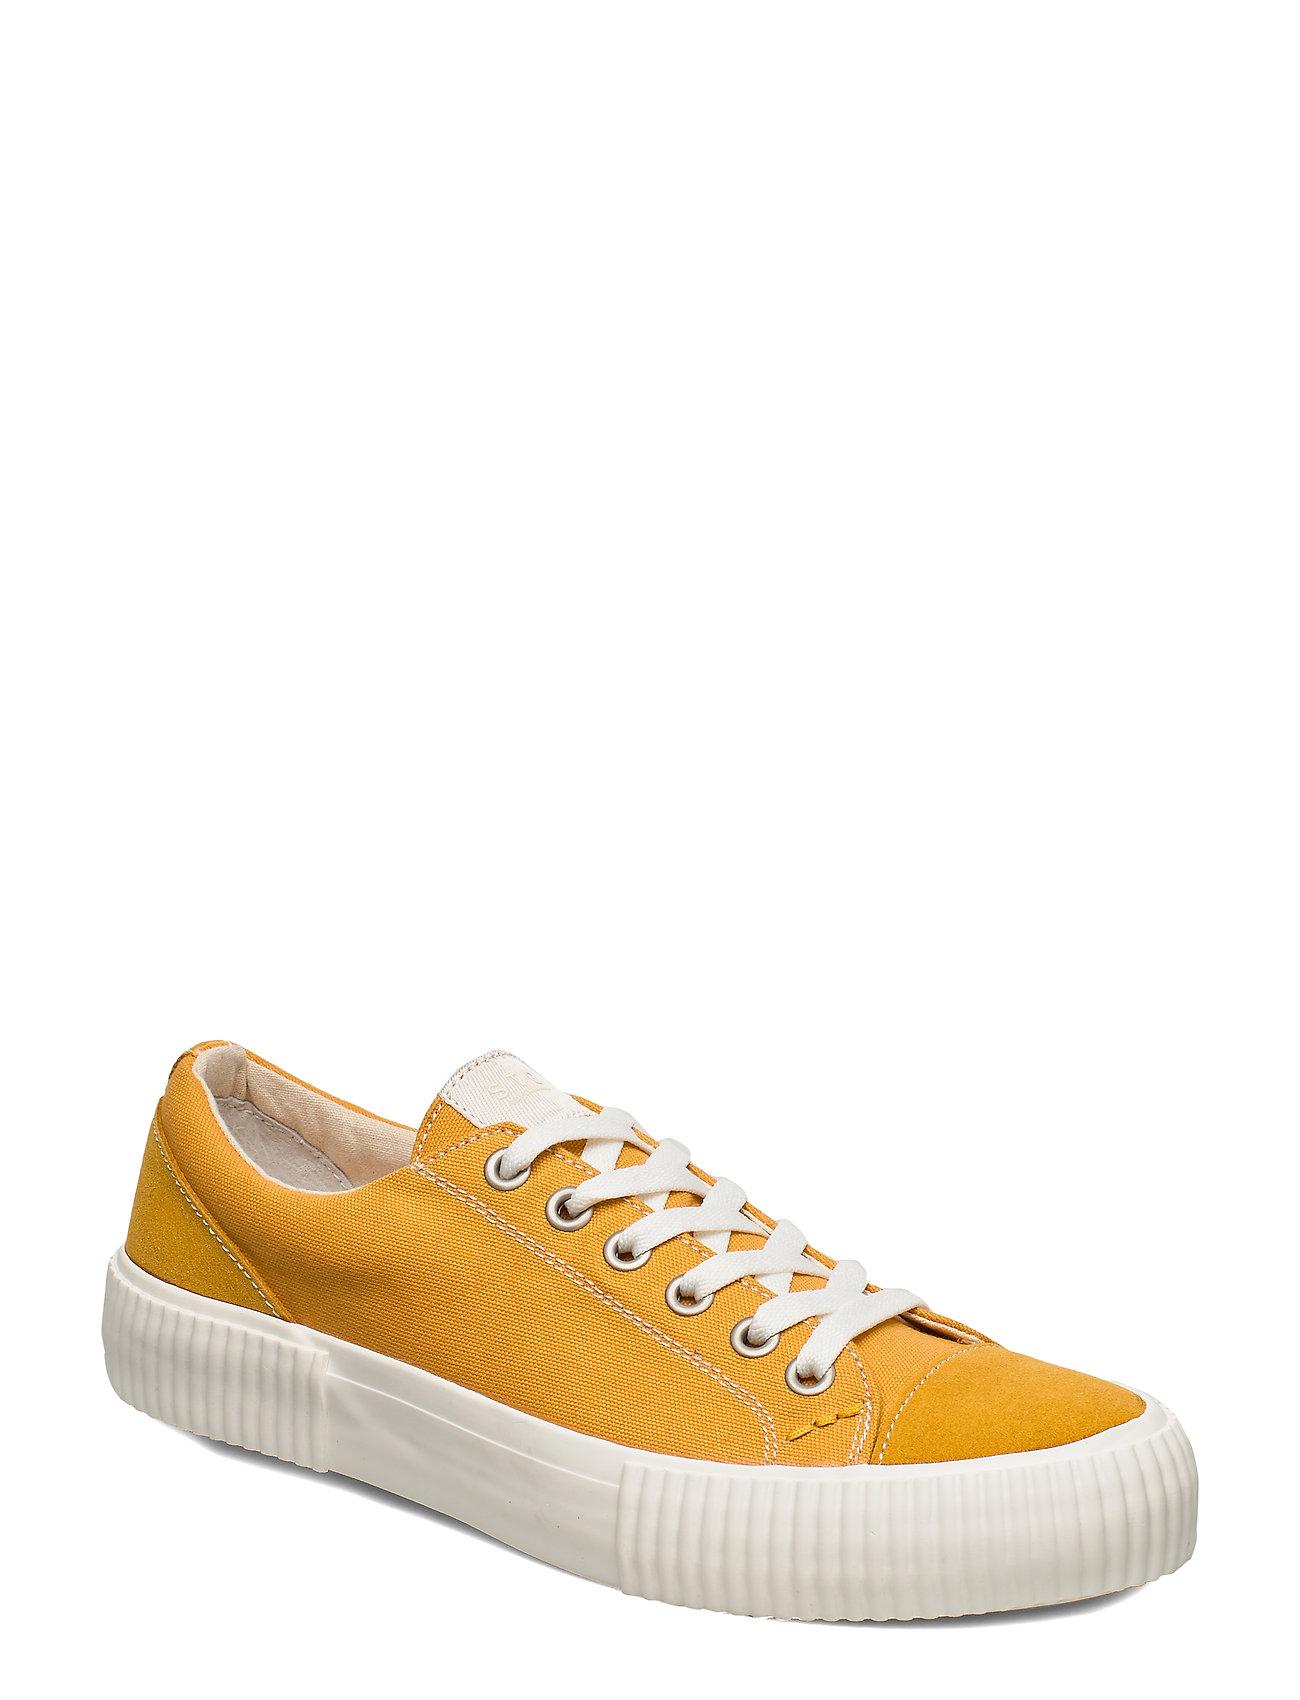 Image of Stb-Bushwick T Low-top Sneakers Gul Shoe The Bear (3356552567)